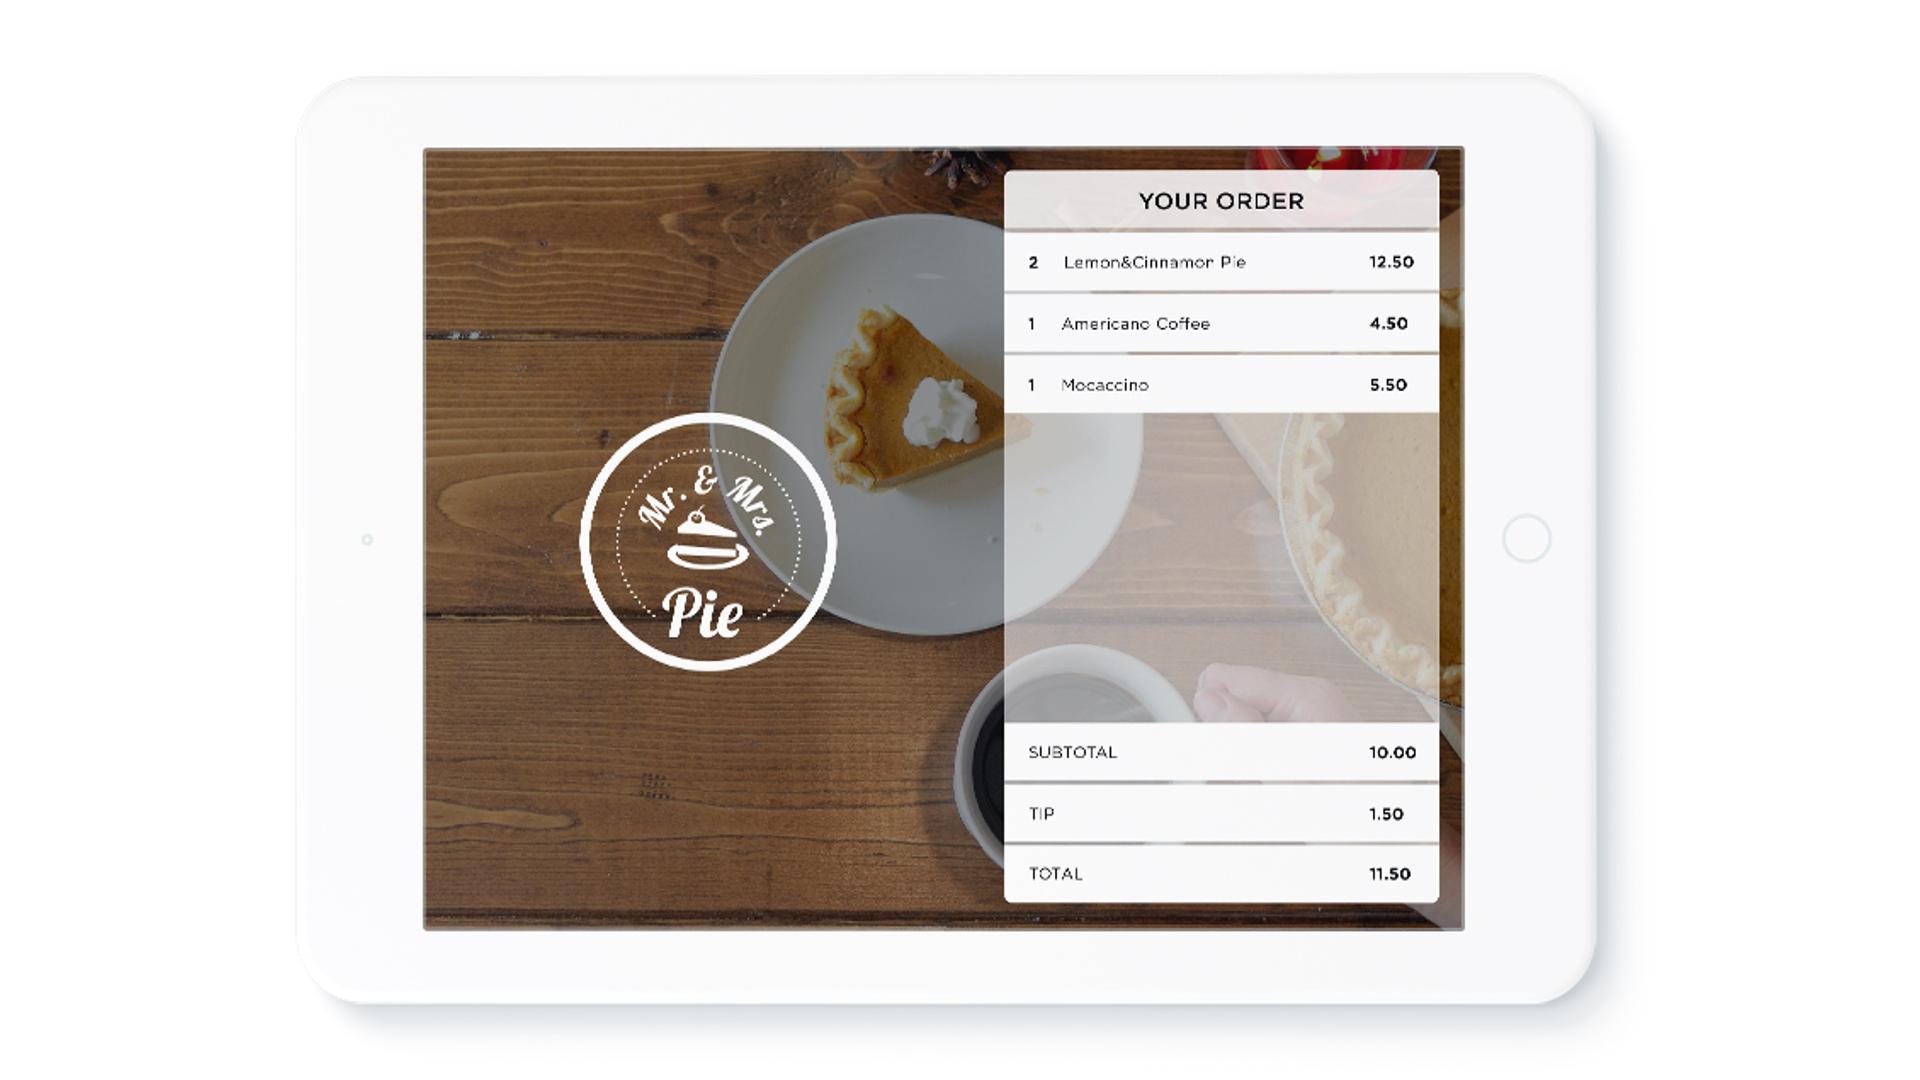 Lightspeed order on an iPad (Image Credit: Lightspeed)